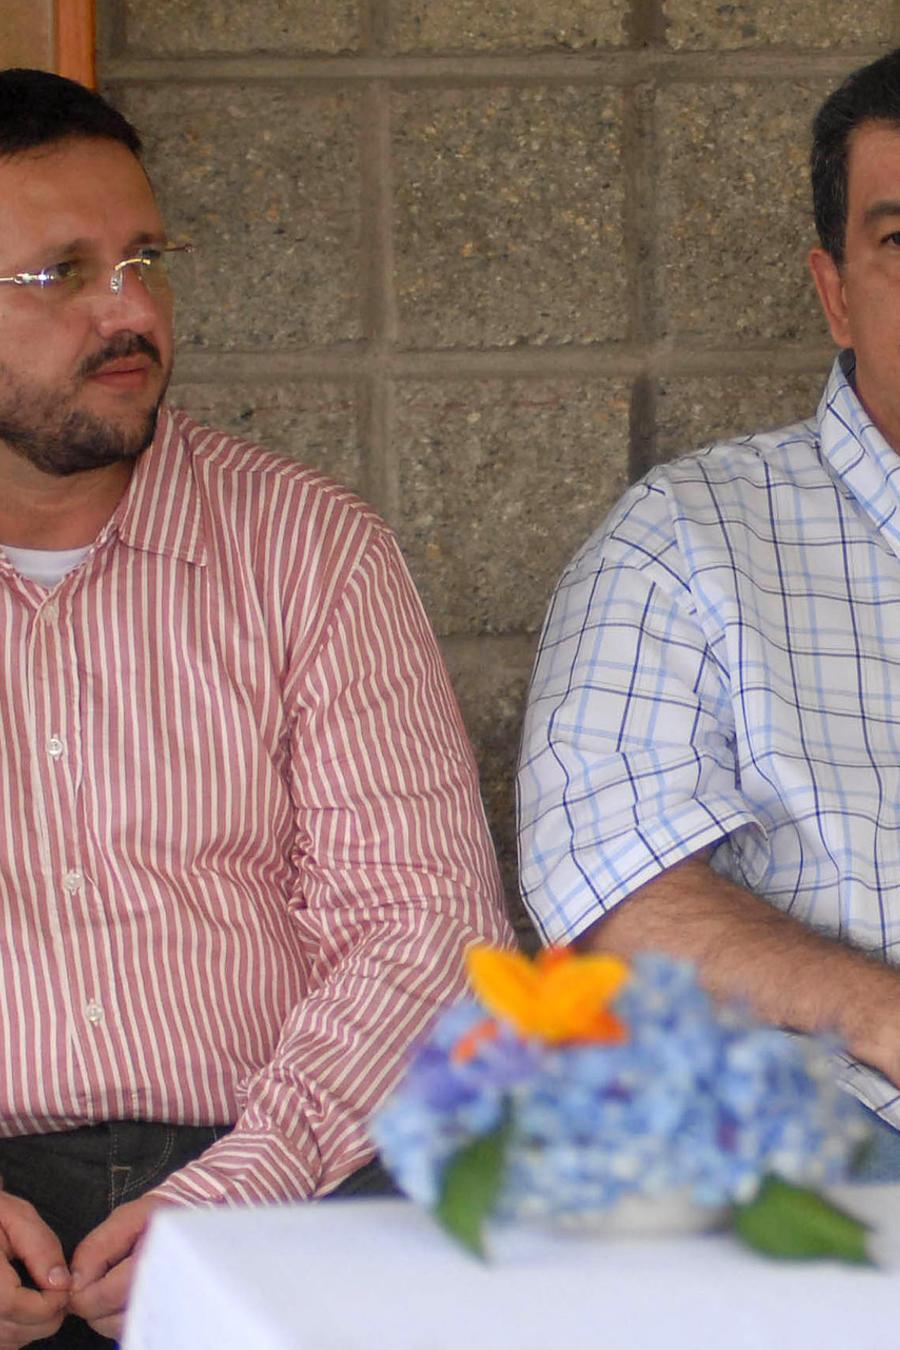 Los exjefes paramilitares Carlos Jiménez, alias 'Macaco', a la derecha, y Diego Murillo, alias 'Don Berna', a la izquierda, en mayo de 2007.